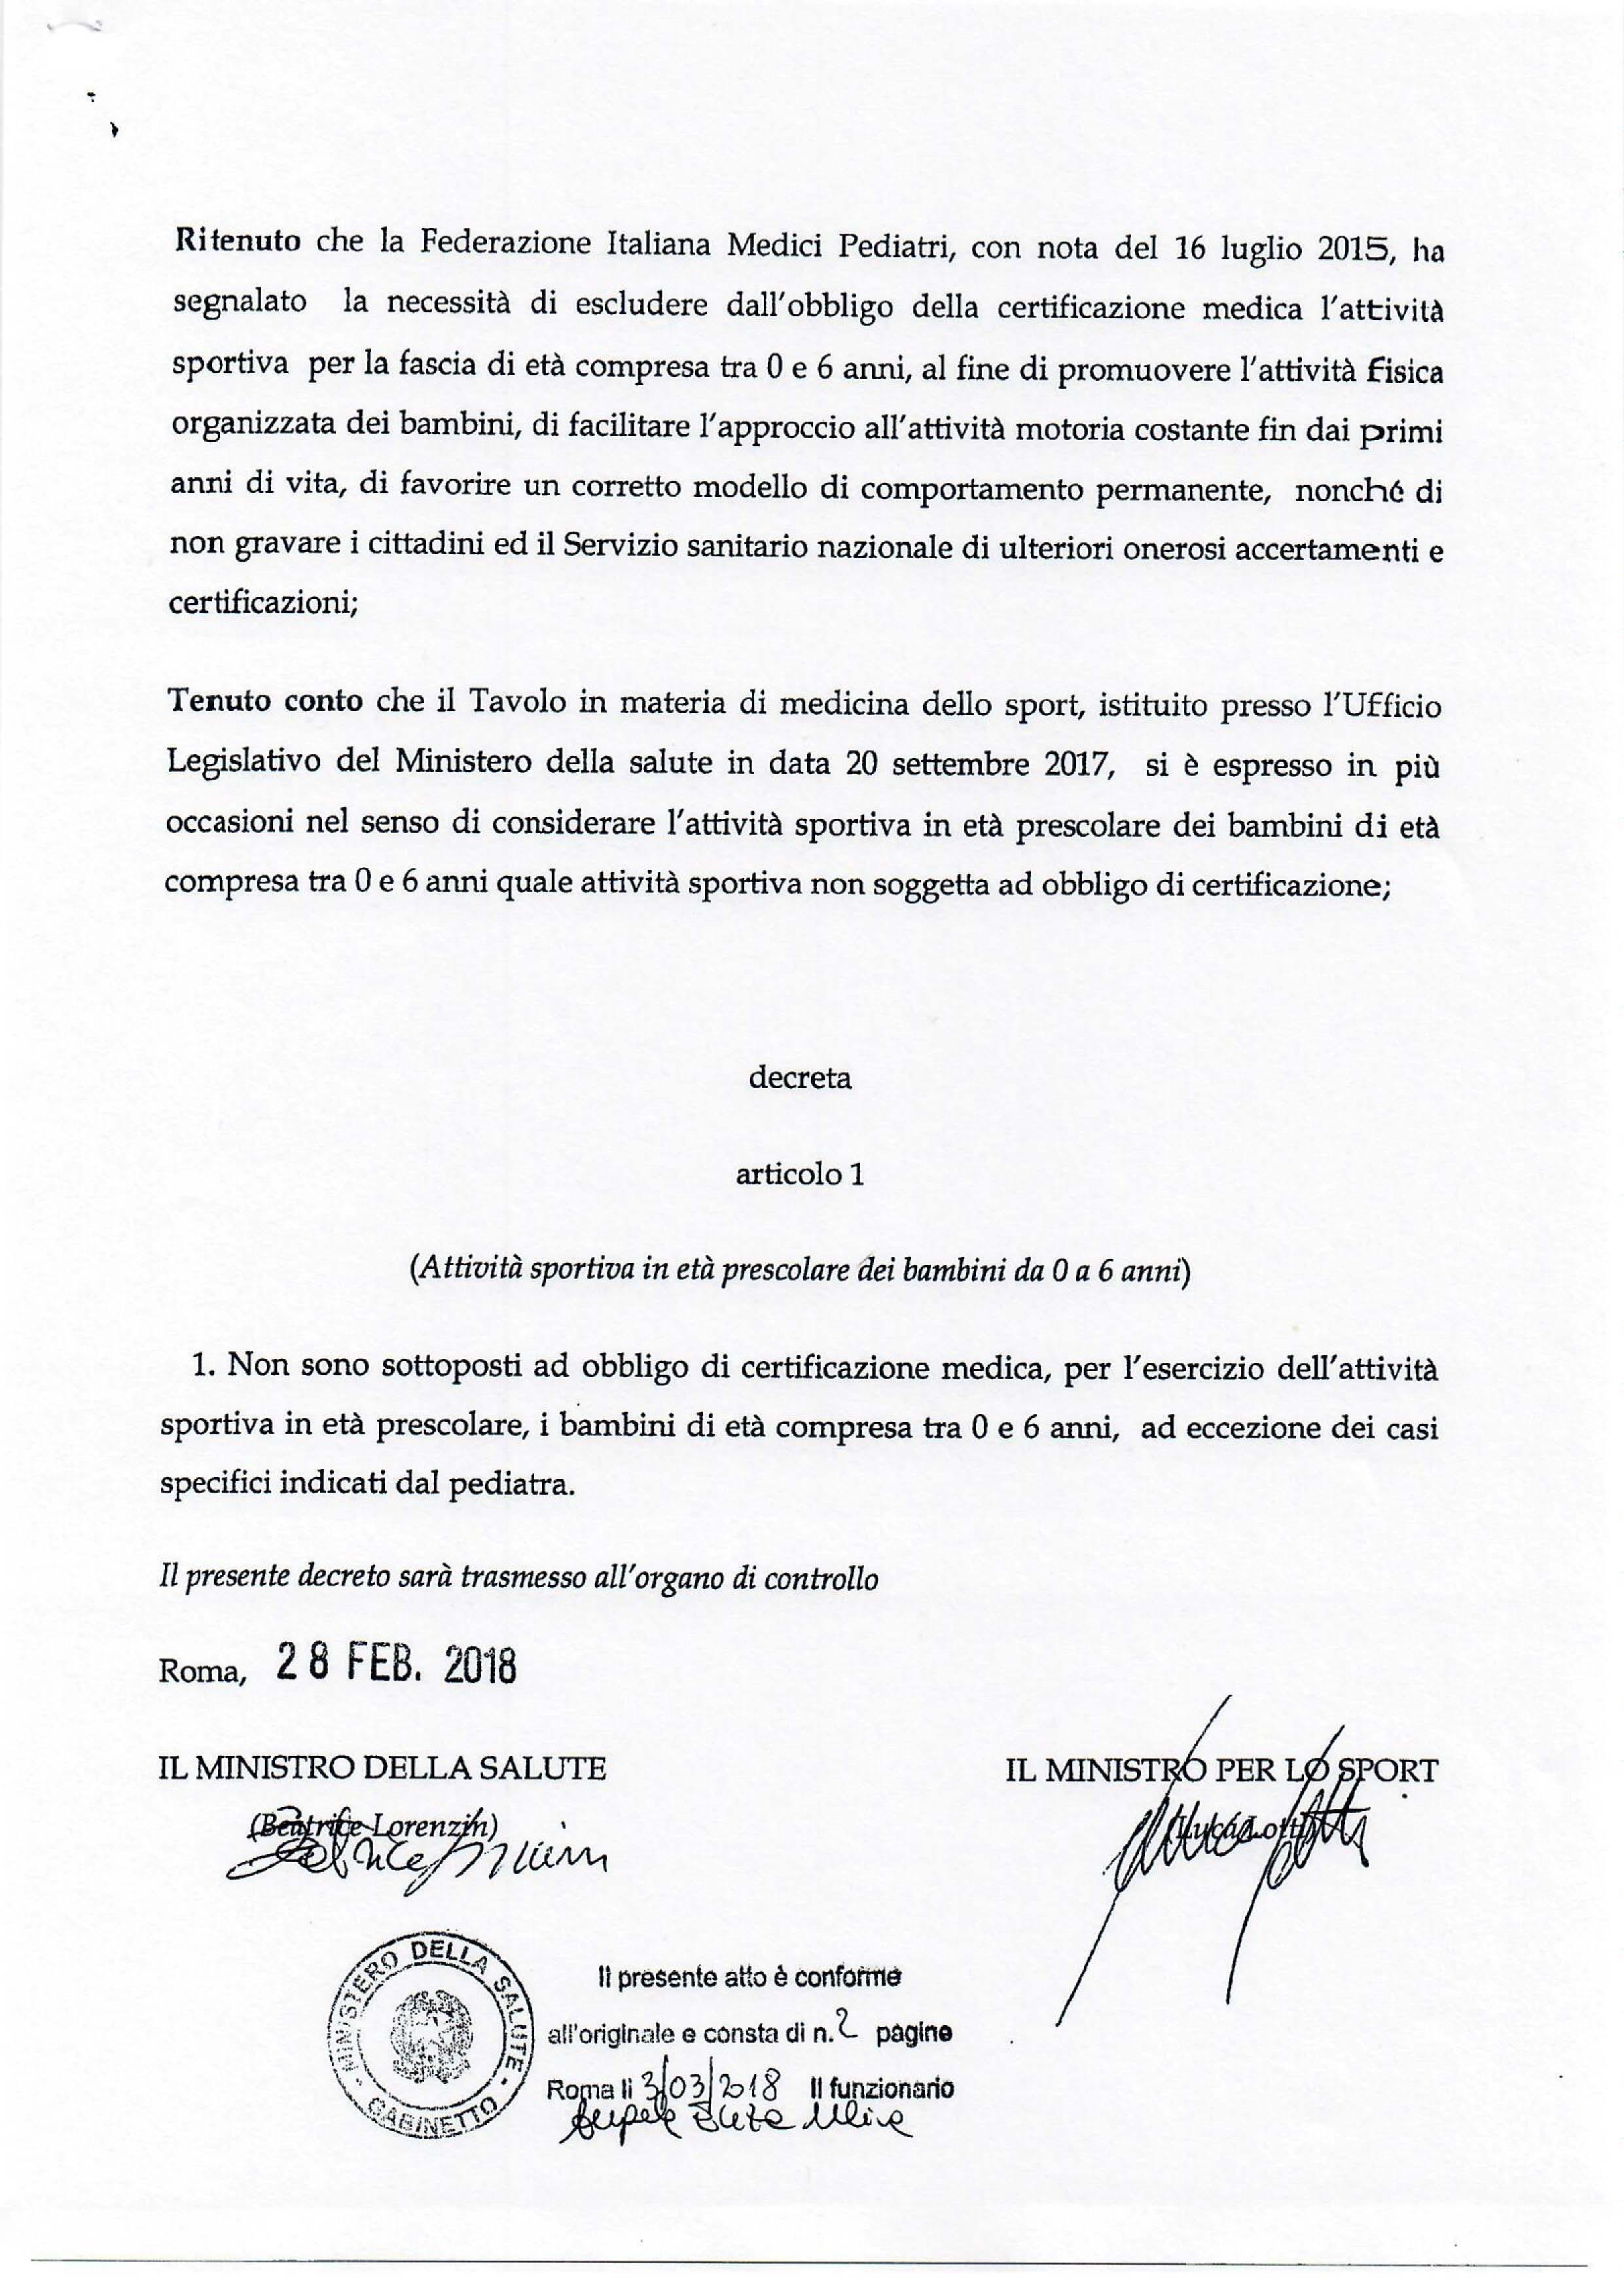 Decreto Ministero della Salute e dello Sport Pag.2/2